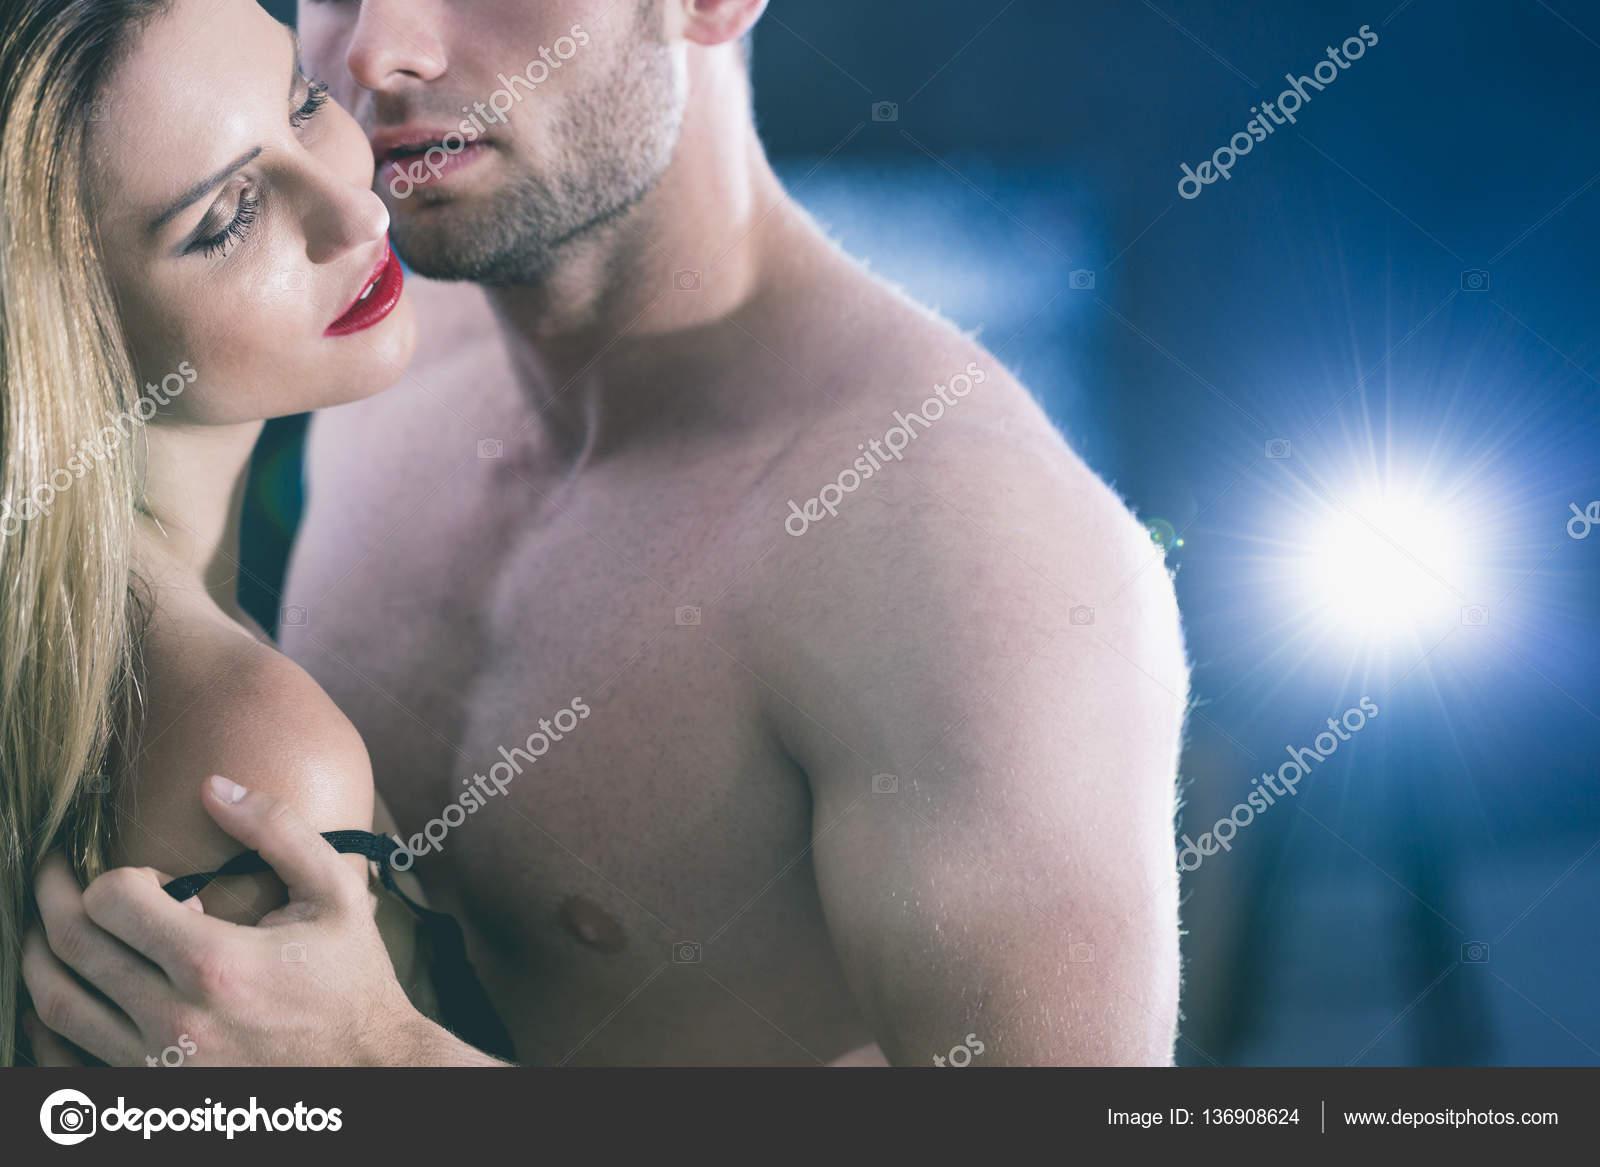 Раздевание медленно перед мужчинами голыми что